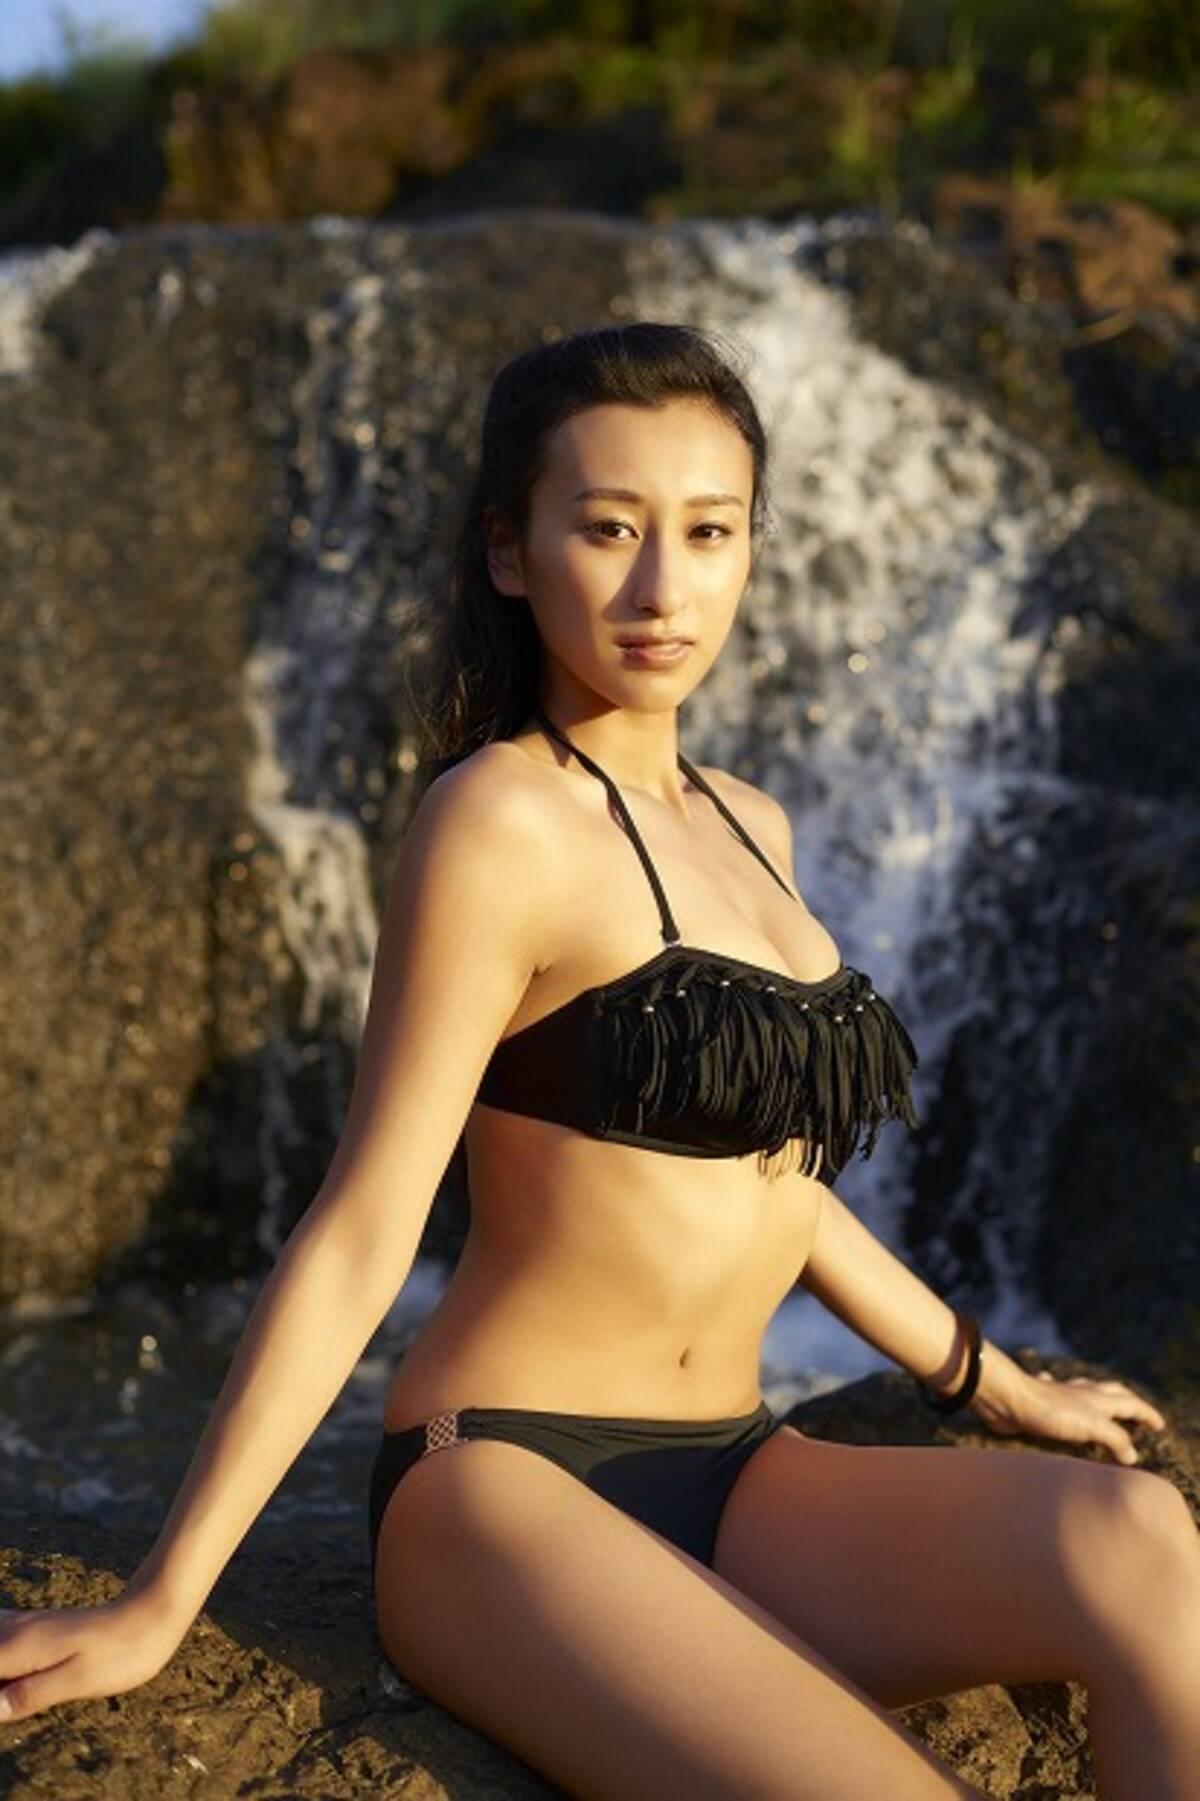 大反響の浅田舞 ネット写真集が最も売れたコンテンツ グラジャパ アワード2015 第1位に 15年8月31日 エキサイトニュース